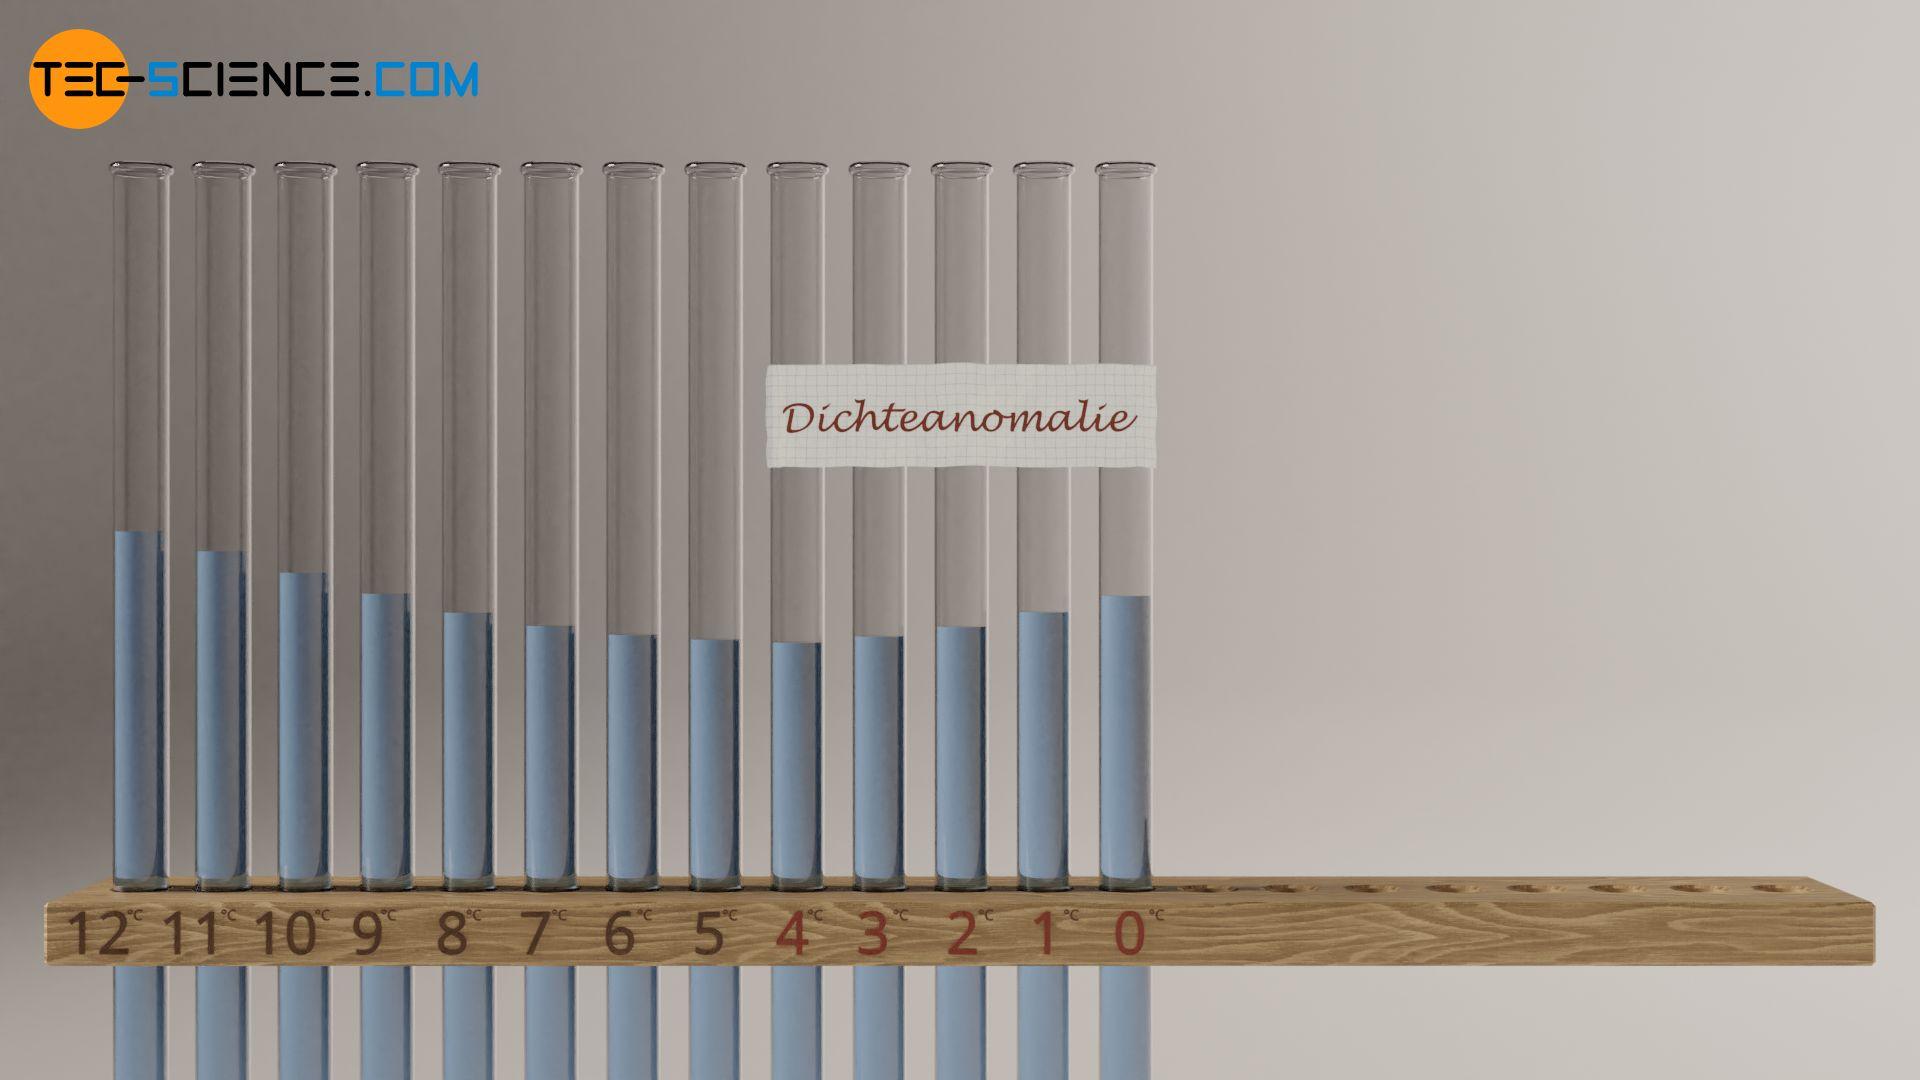 Experiment zur Dichteanomalie von Wasser